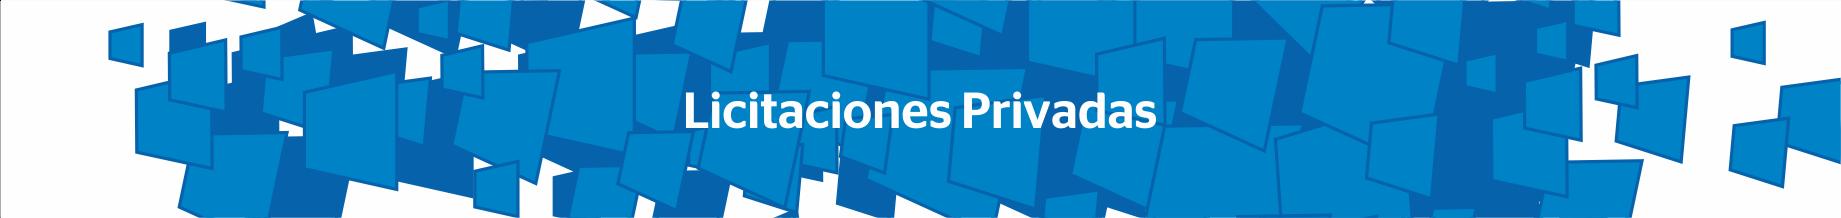 Licitaciones privadas